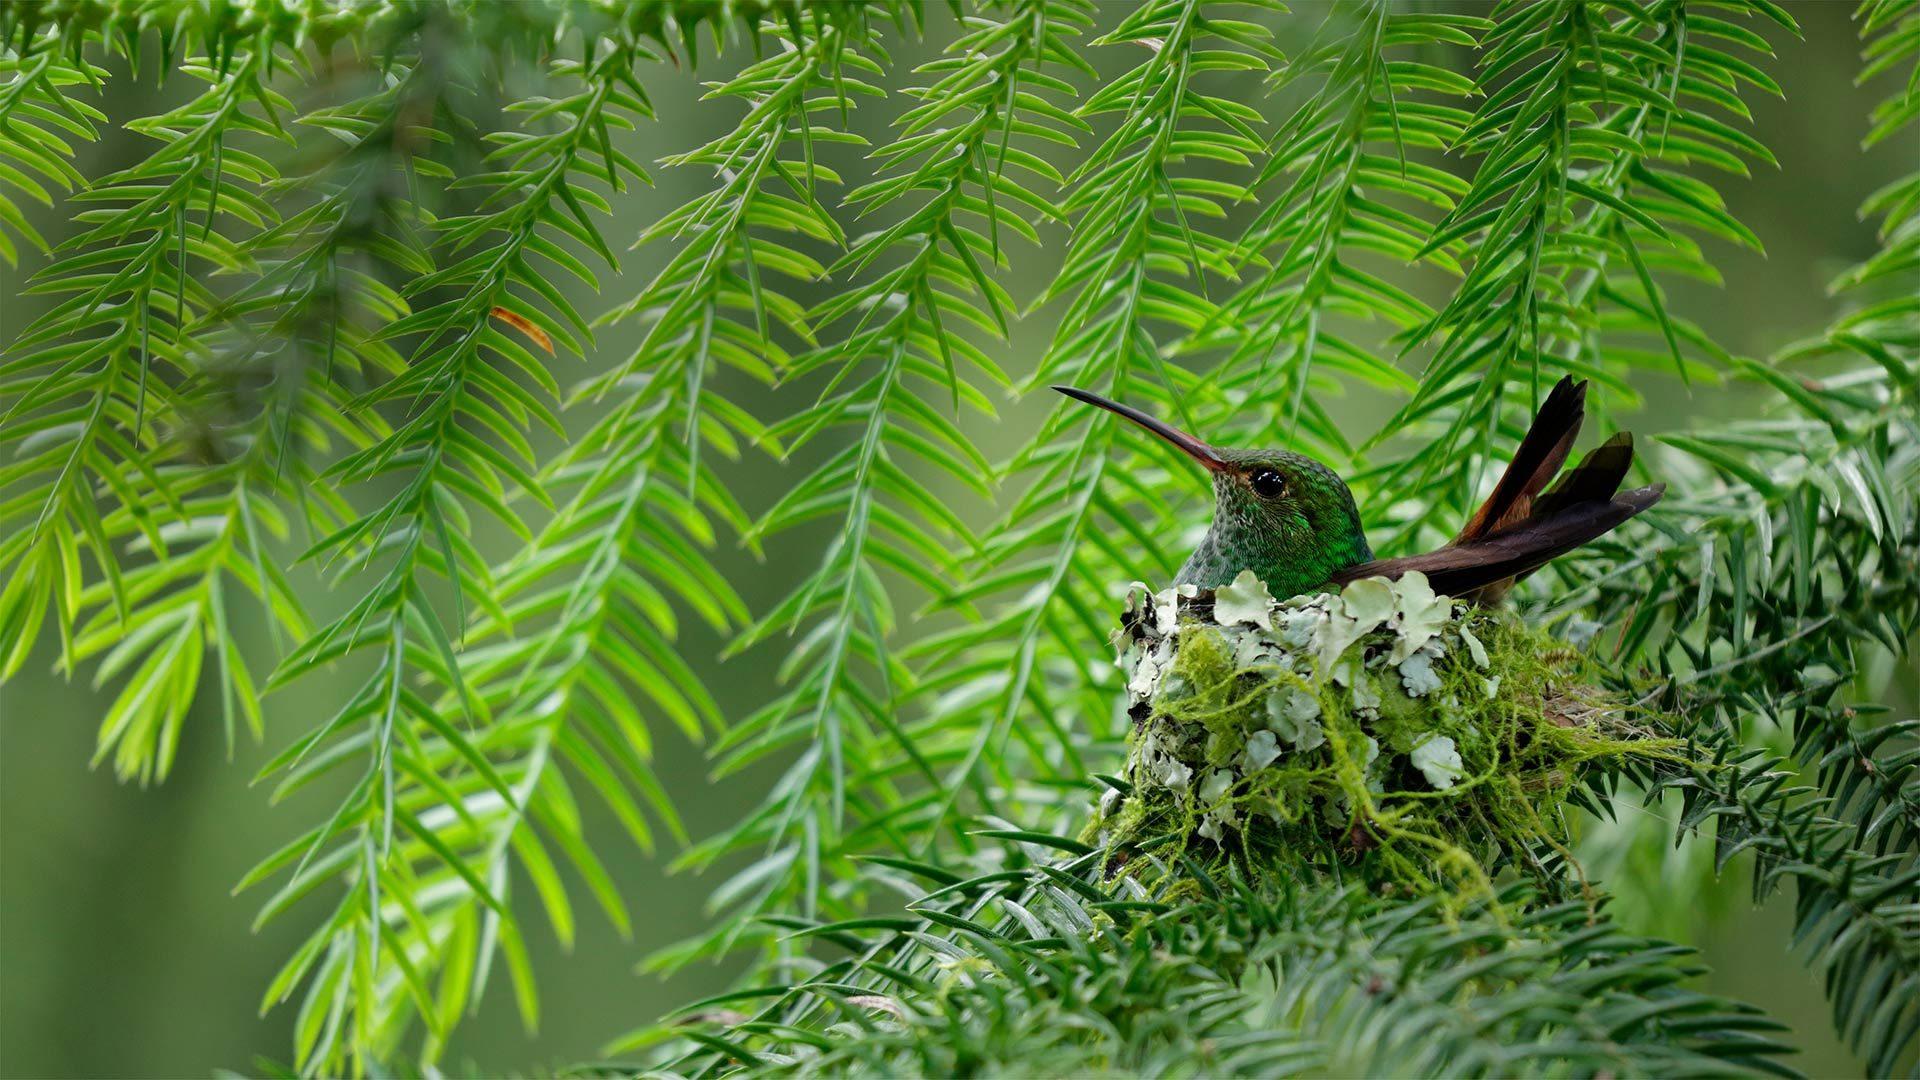 一只棕尾蜂鸟